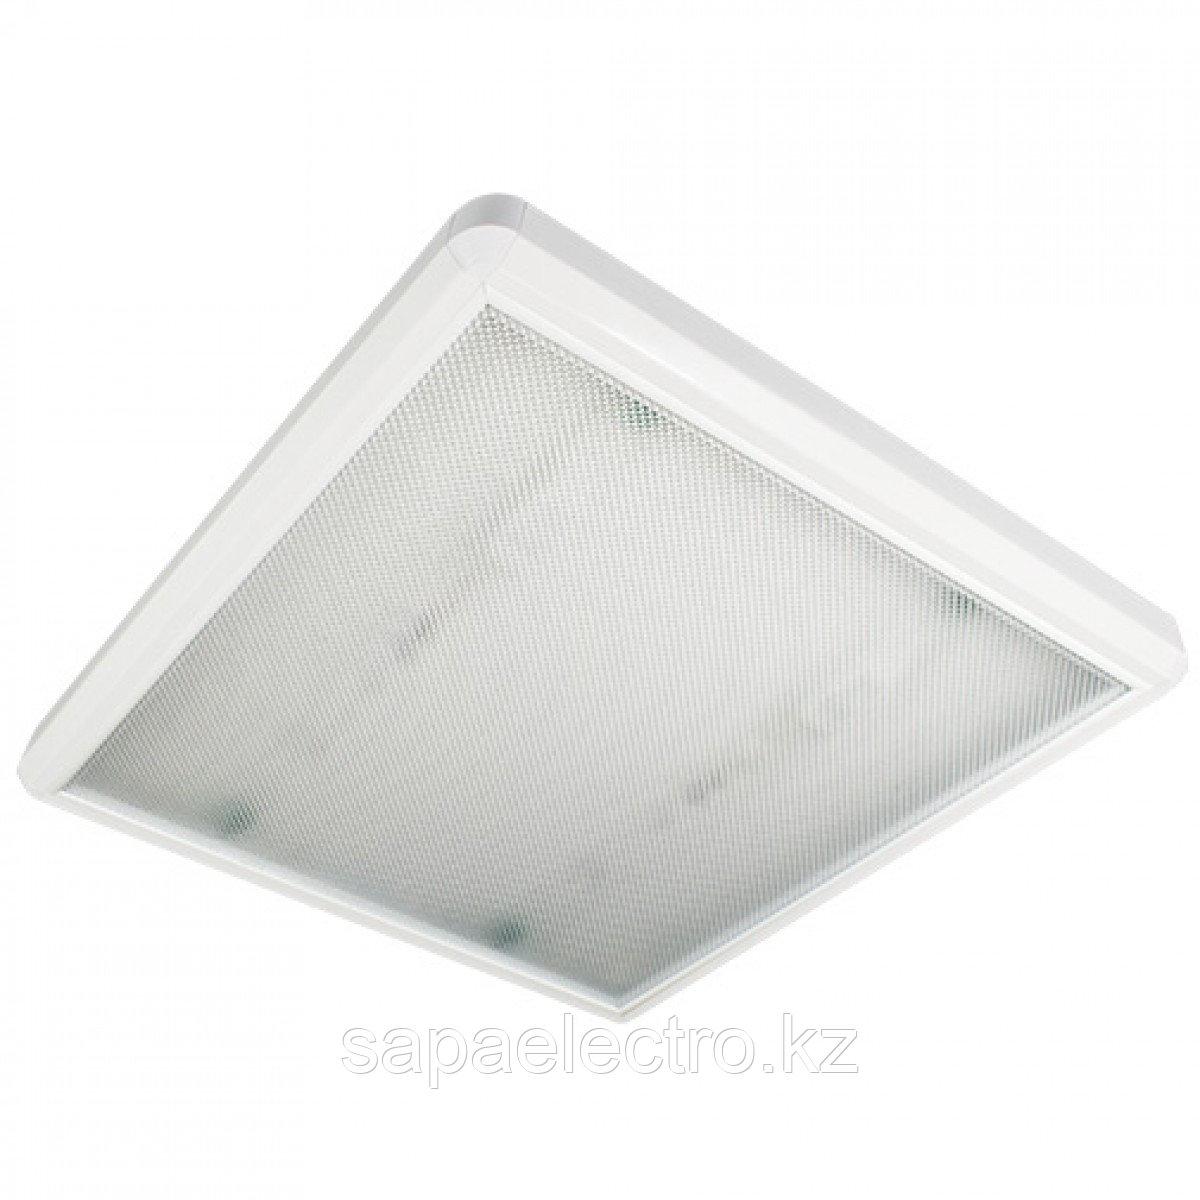 Св. LEDTUBE LZN 4x9W/ 60см PRIZMA DETAY накл(с ламп